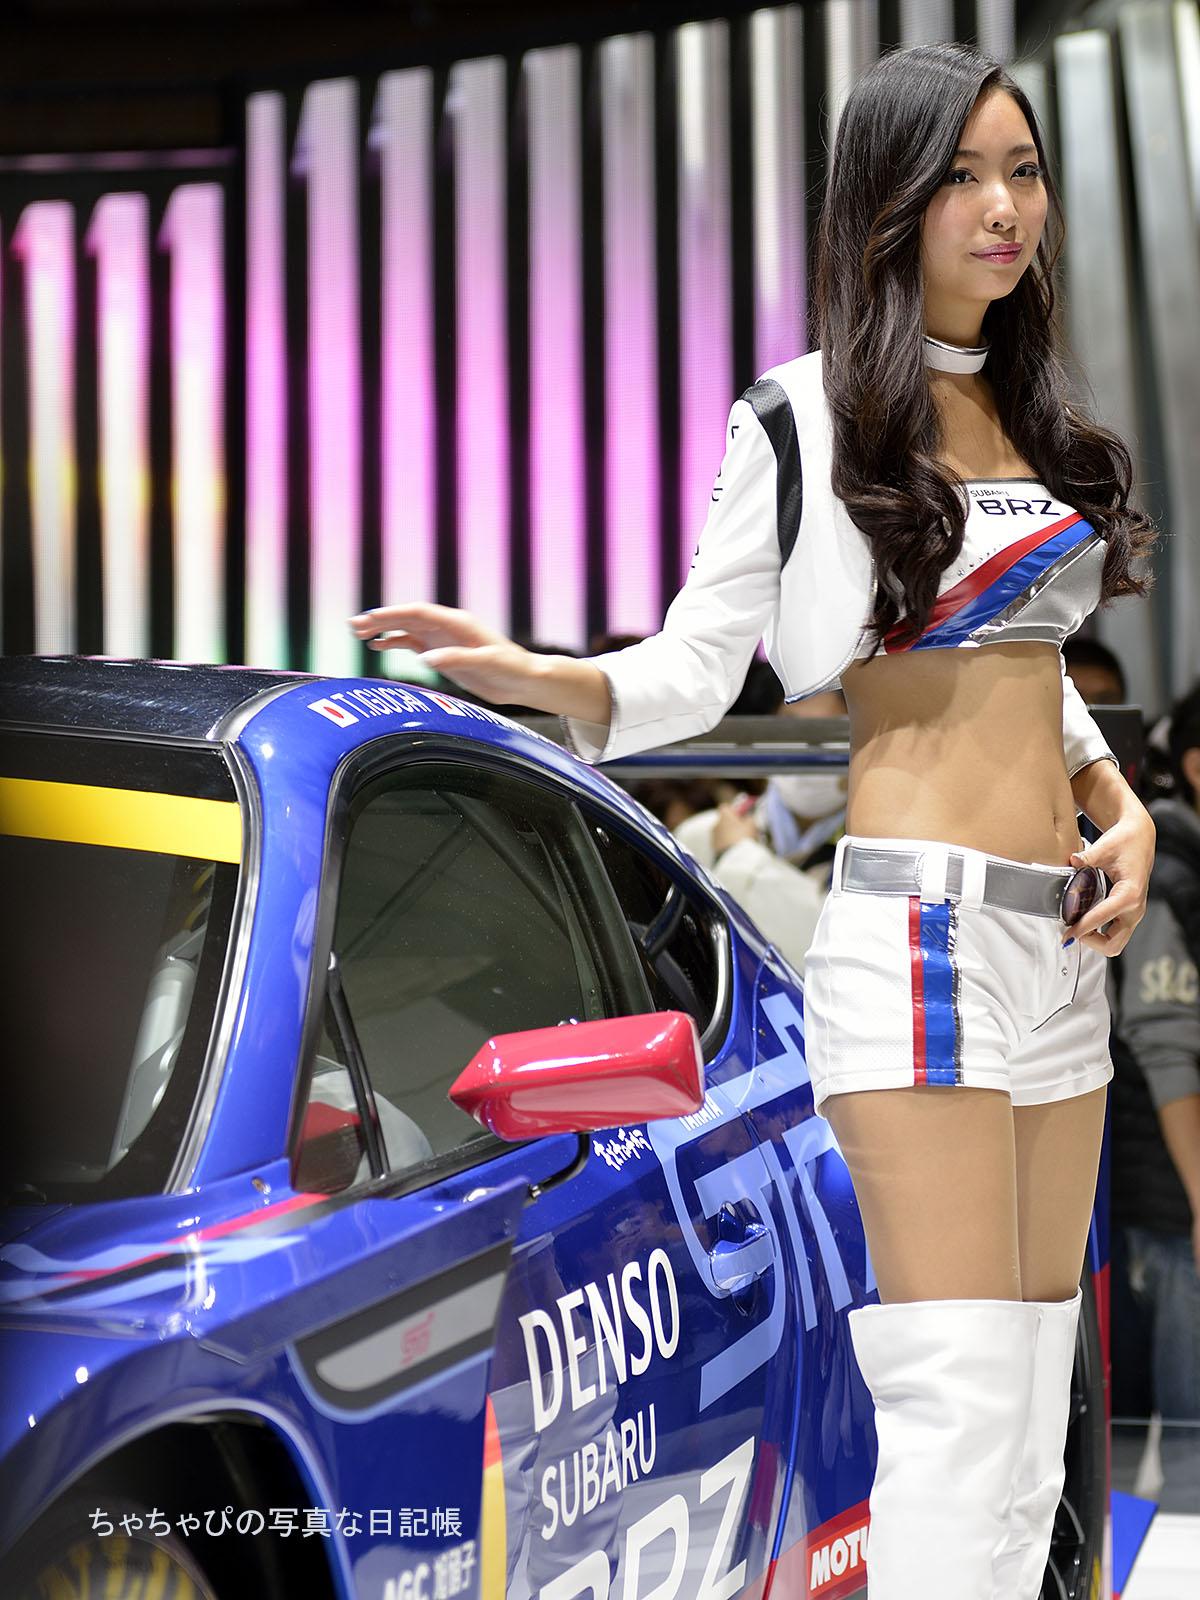 東京モーターショー2015 スバルブース BREEZE/南真琴さん